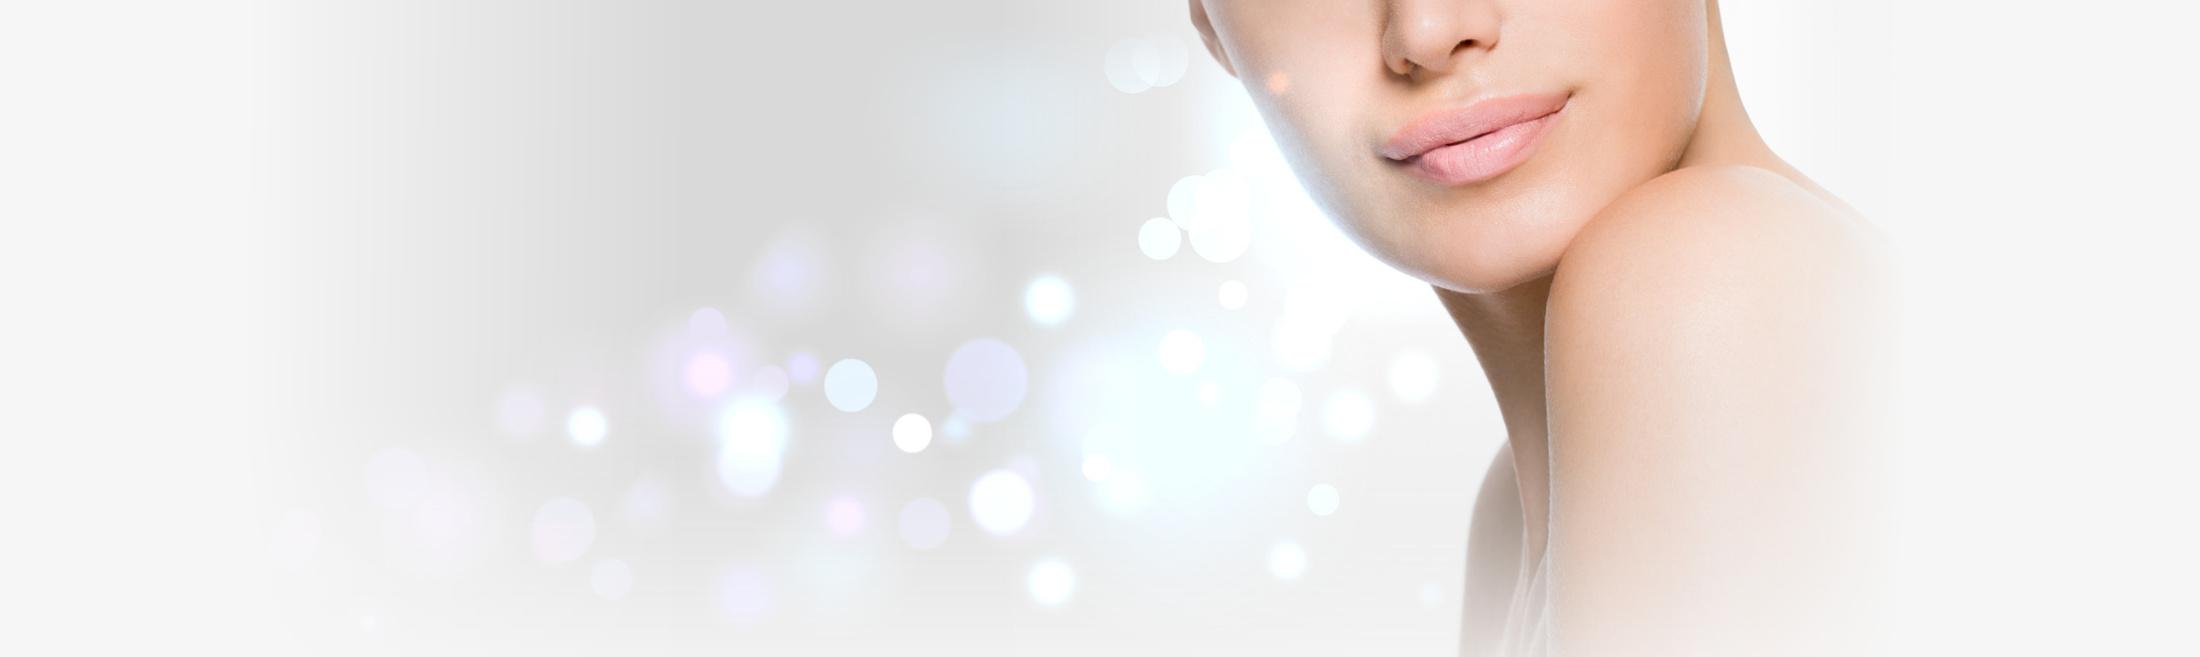 odmładzanie skóry twarzy